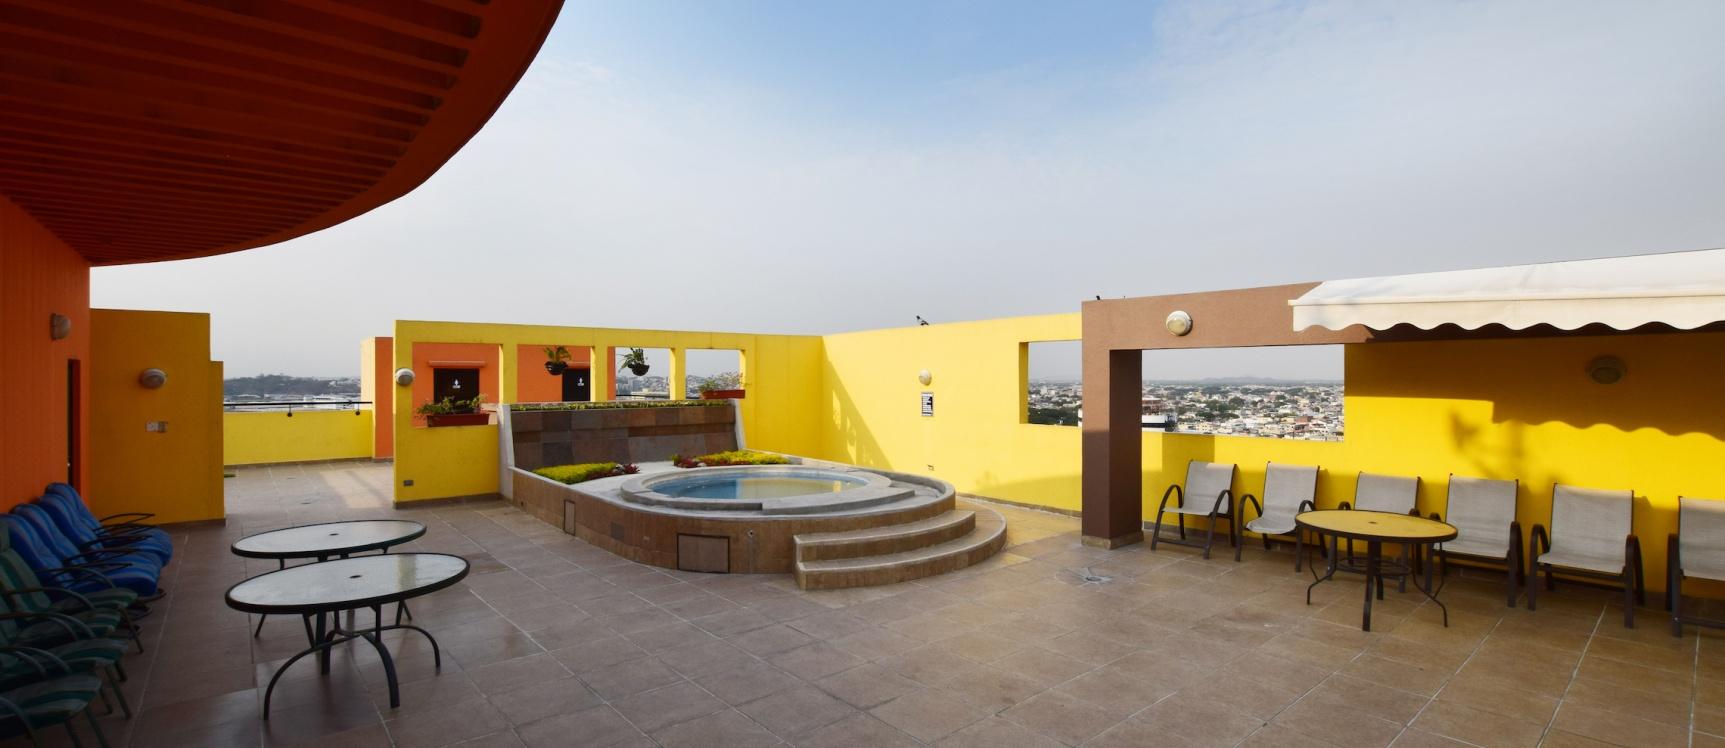 GeoBienes - Departamento en alquiler ubicado en Ciudad Colón, Norte de Guayaquil - Plusvalia Guayaquil Casas de venta y alquiler Inmobiliaria Ecuador